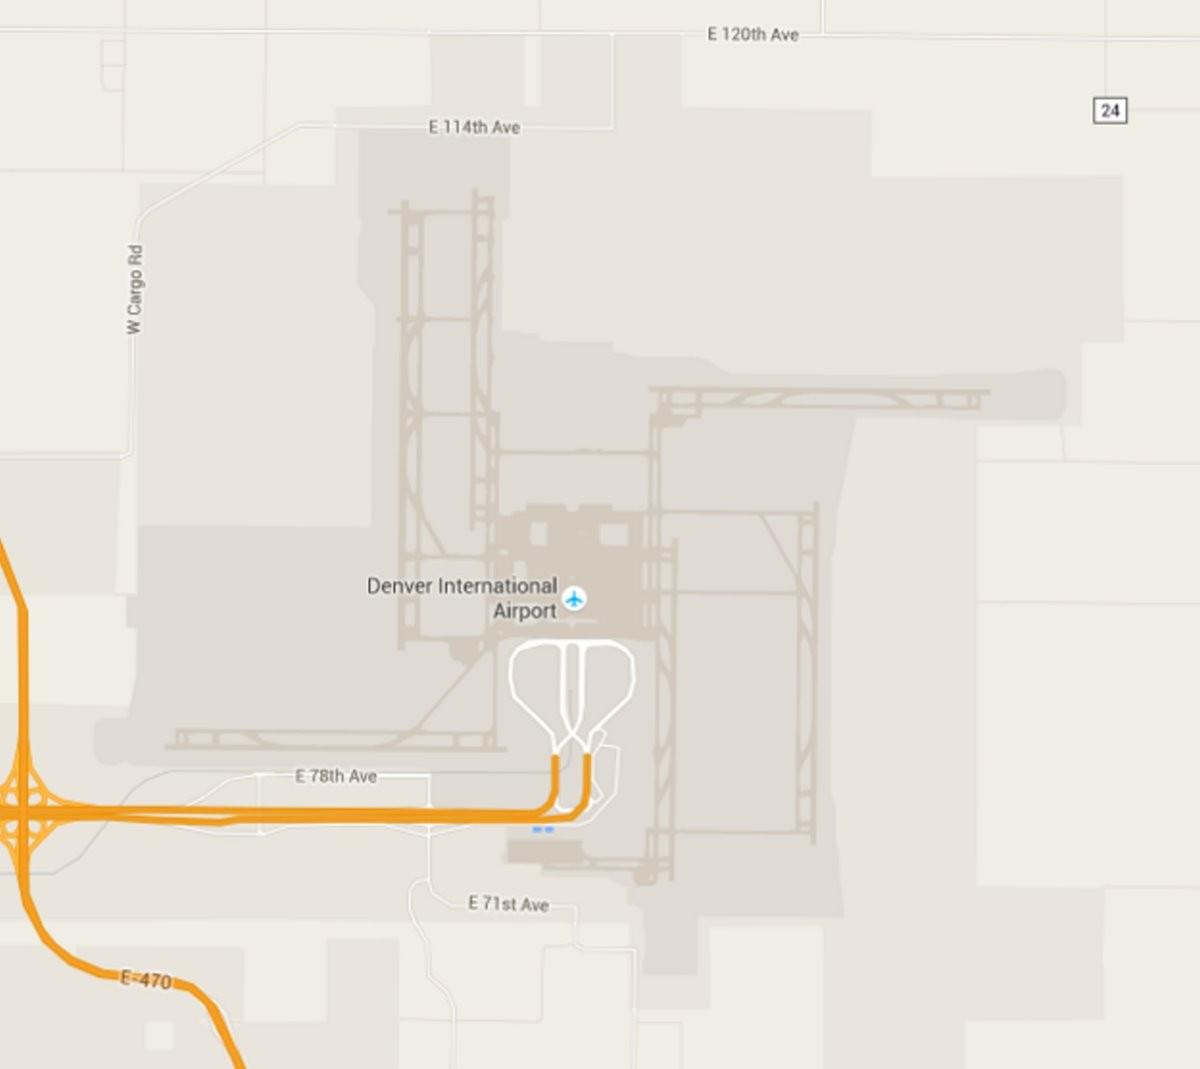 Αεροδρόμιο Ντένβερ διάδρομοι σβάστικα